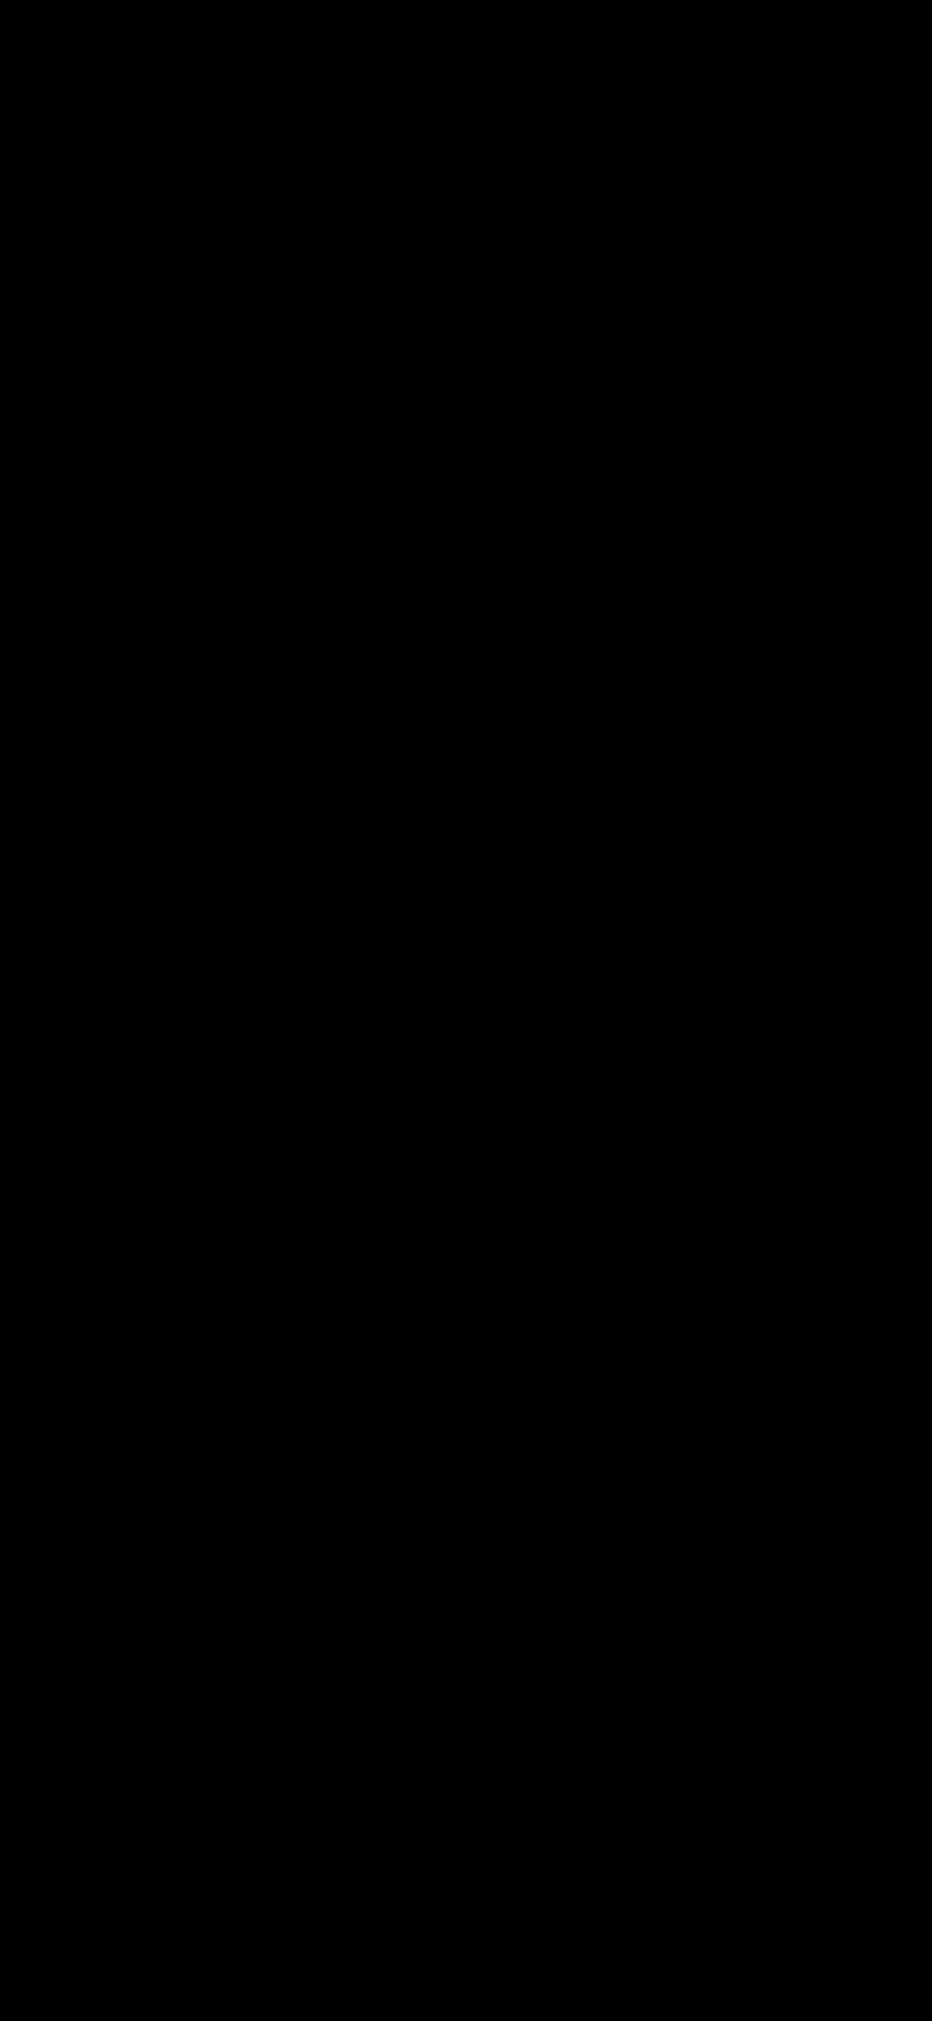 free base Base líquida facial fluída e ultraleve, sisley phyto-teint Éclat fluide oil free cria uma pele perfeita, luminosa e extremamente natural com extratos botânicos.